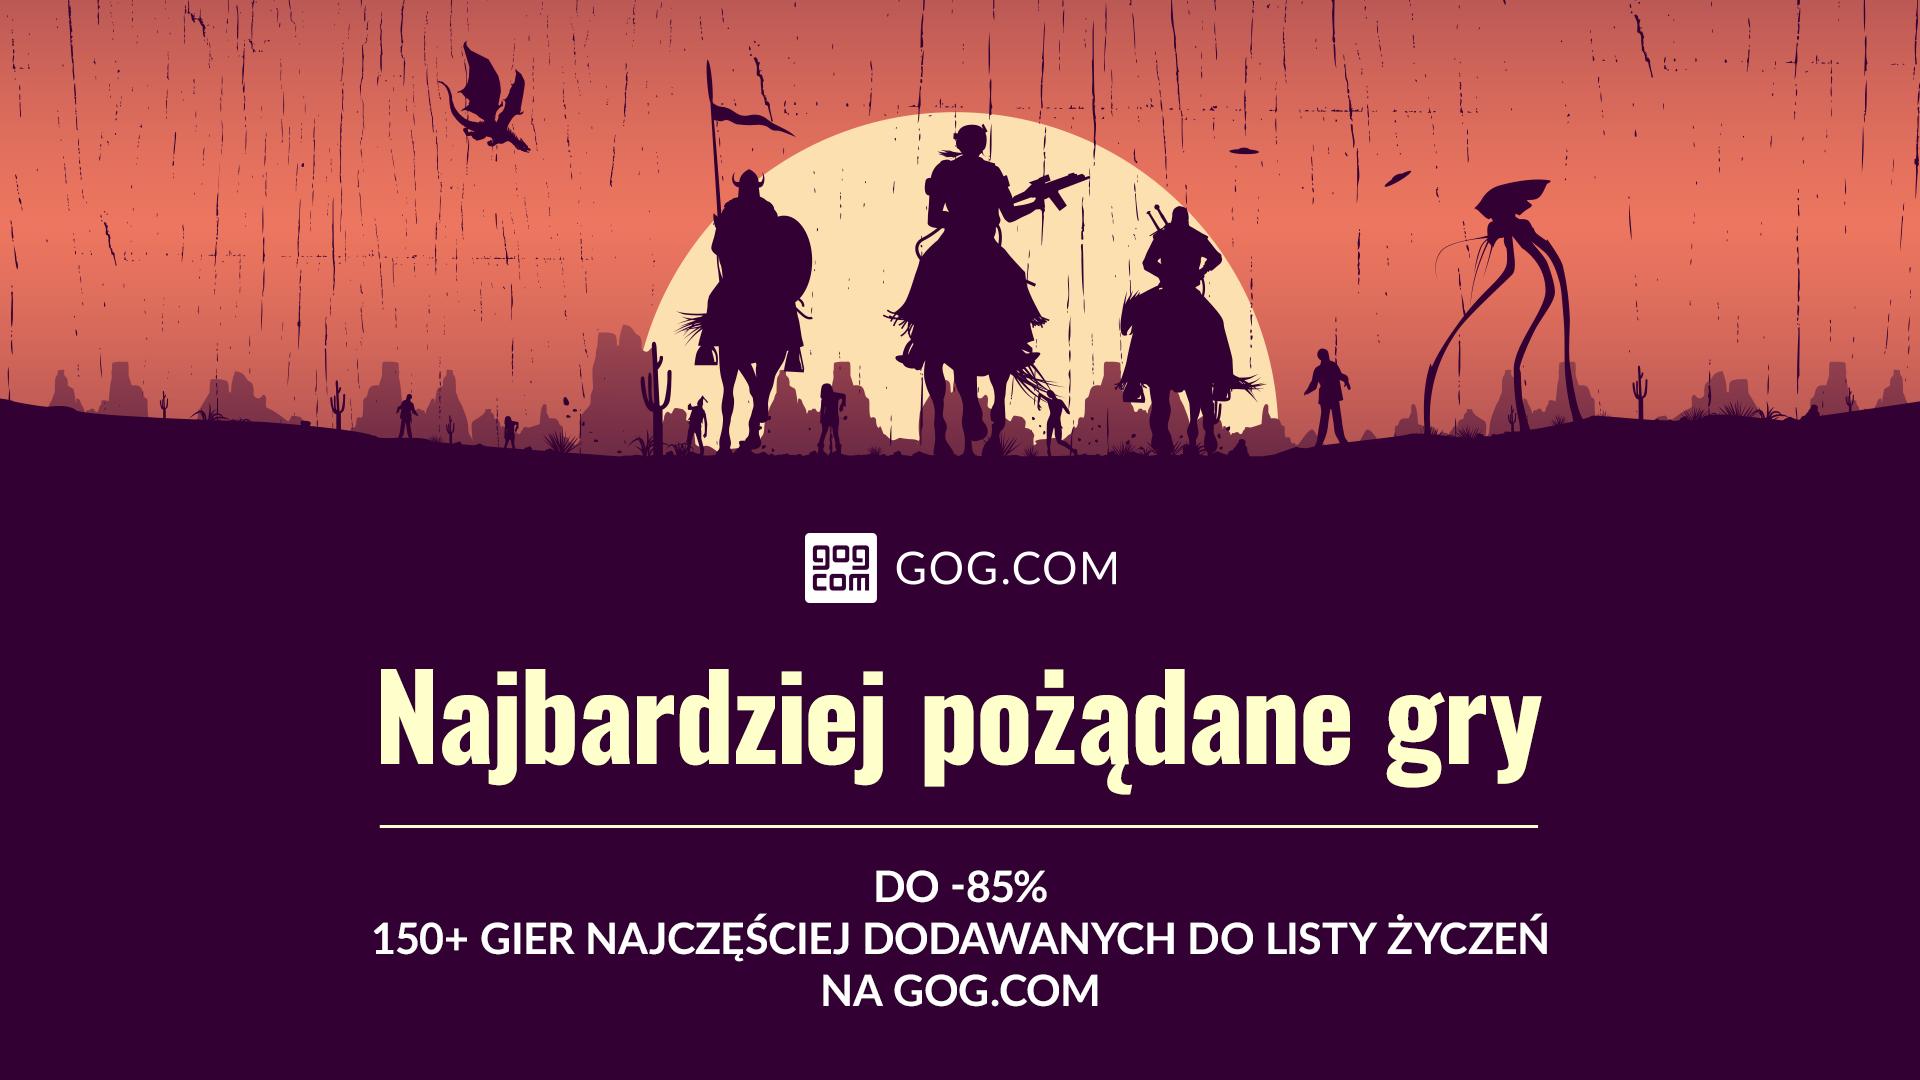 GOG.com przecenił najbardziej pożądane gry!